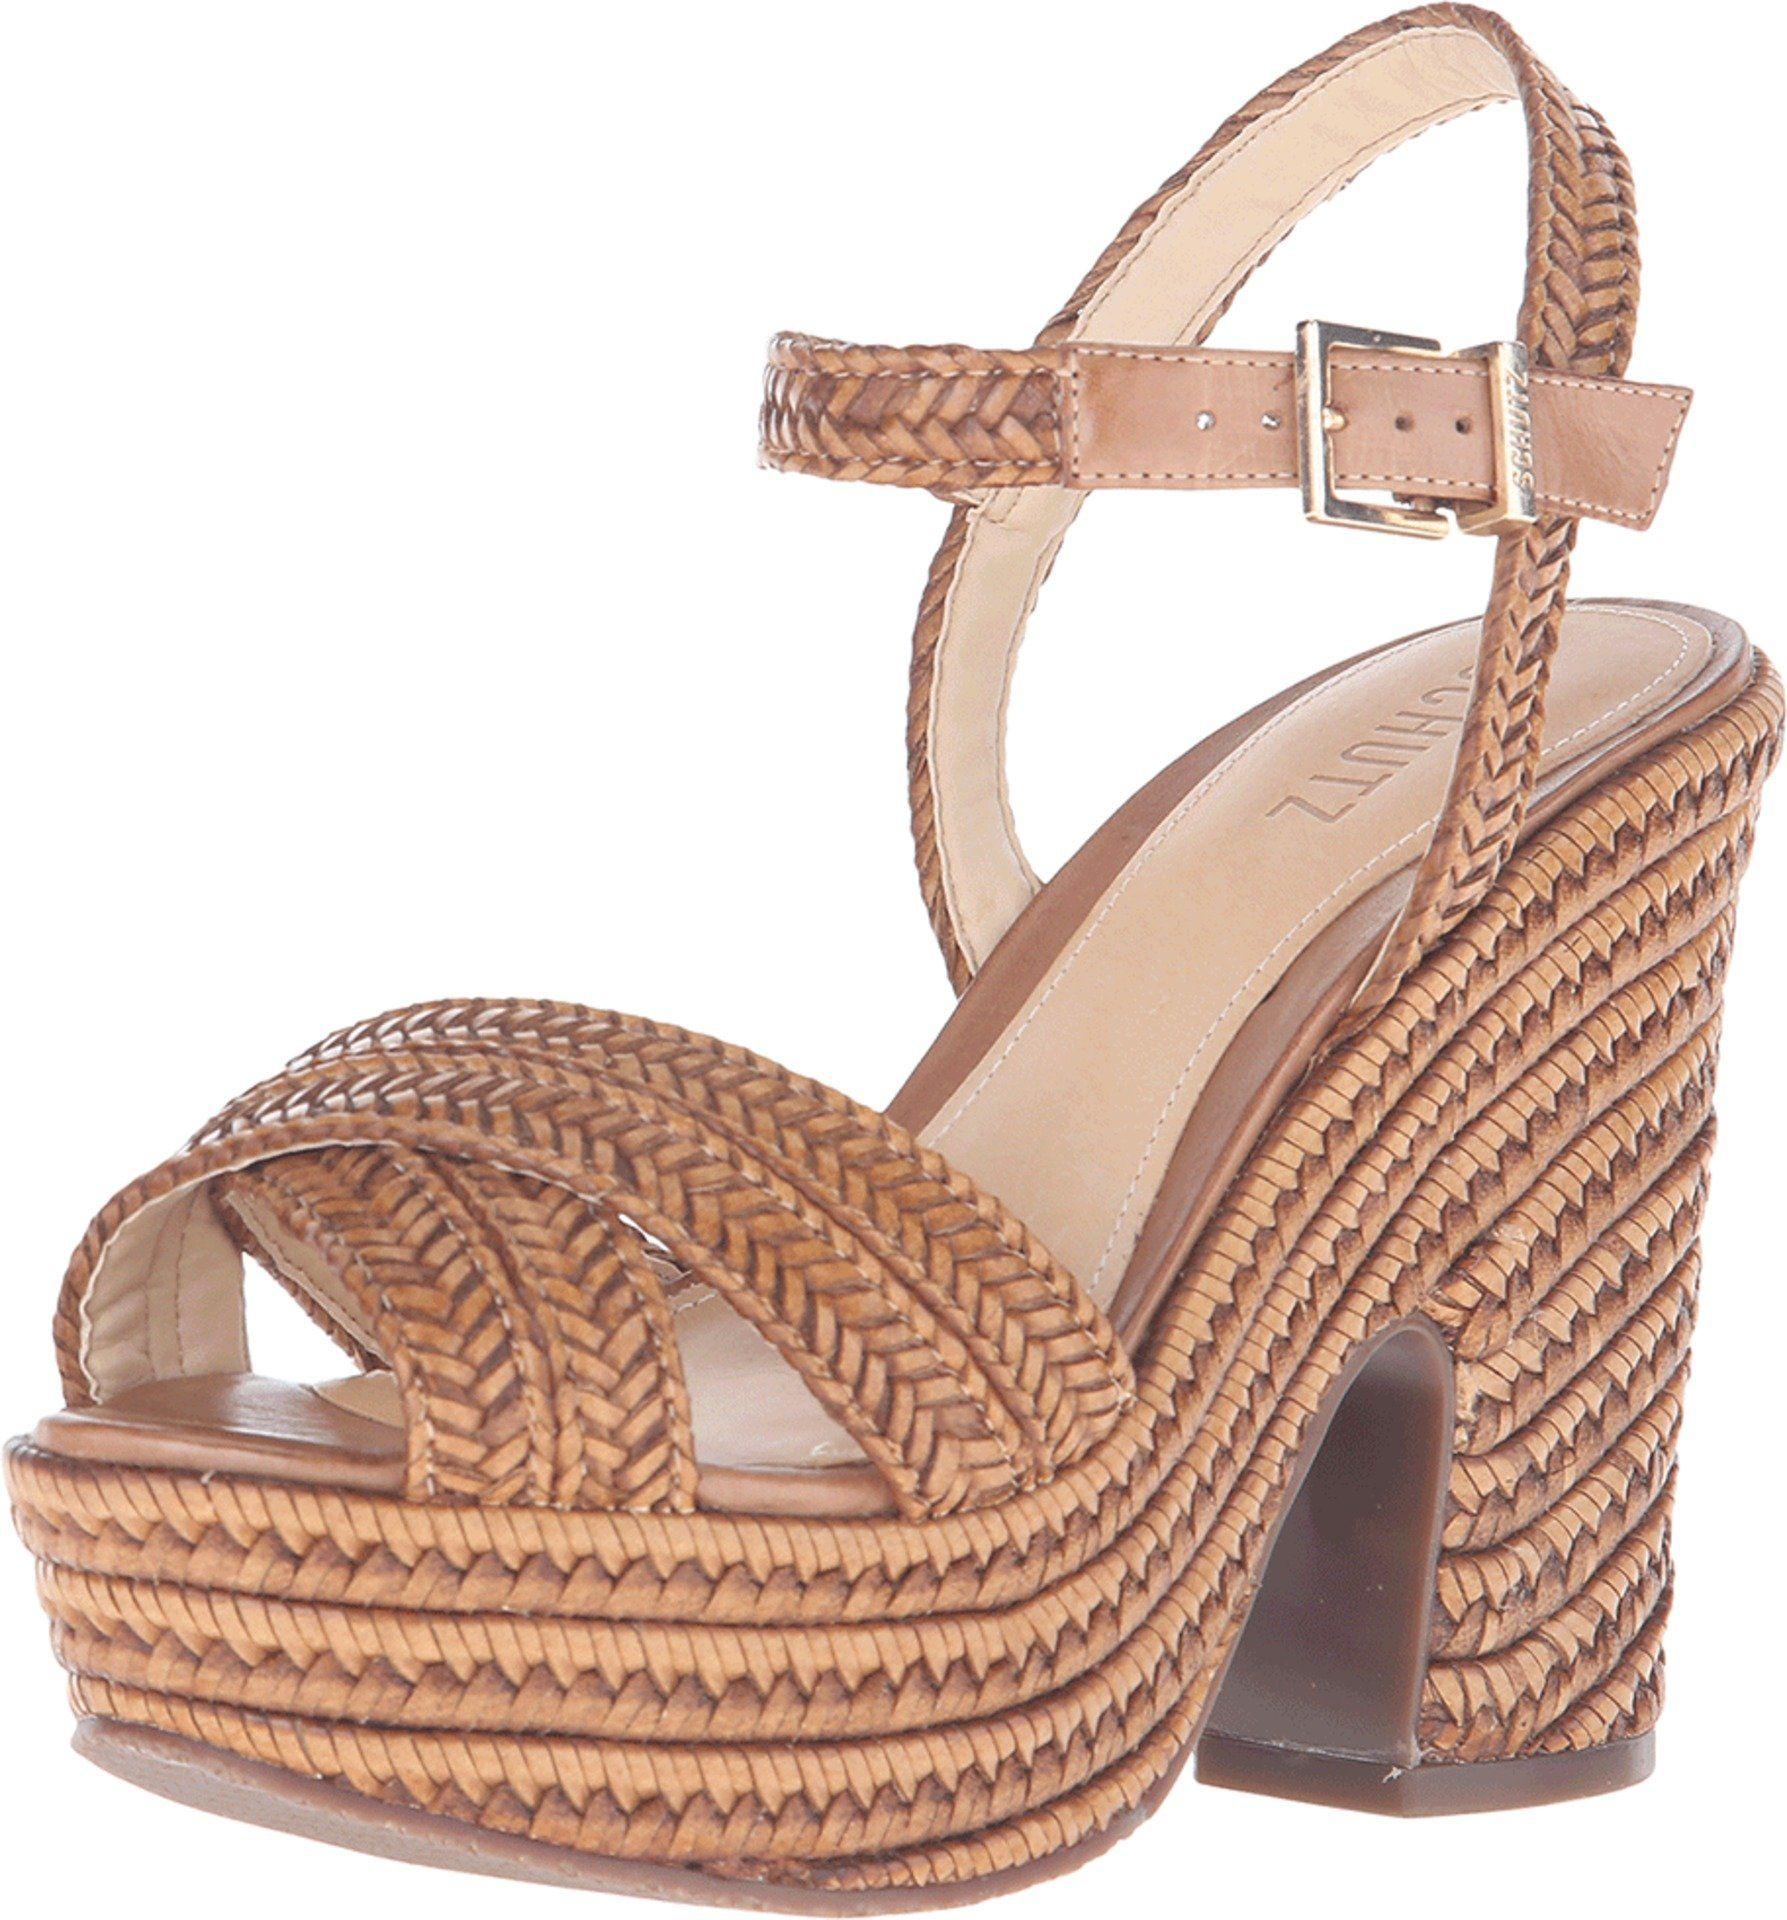 eb81b4d5c141 Schutz Women s Aileen Platform Sandals